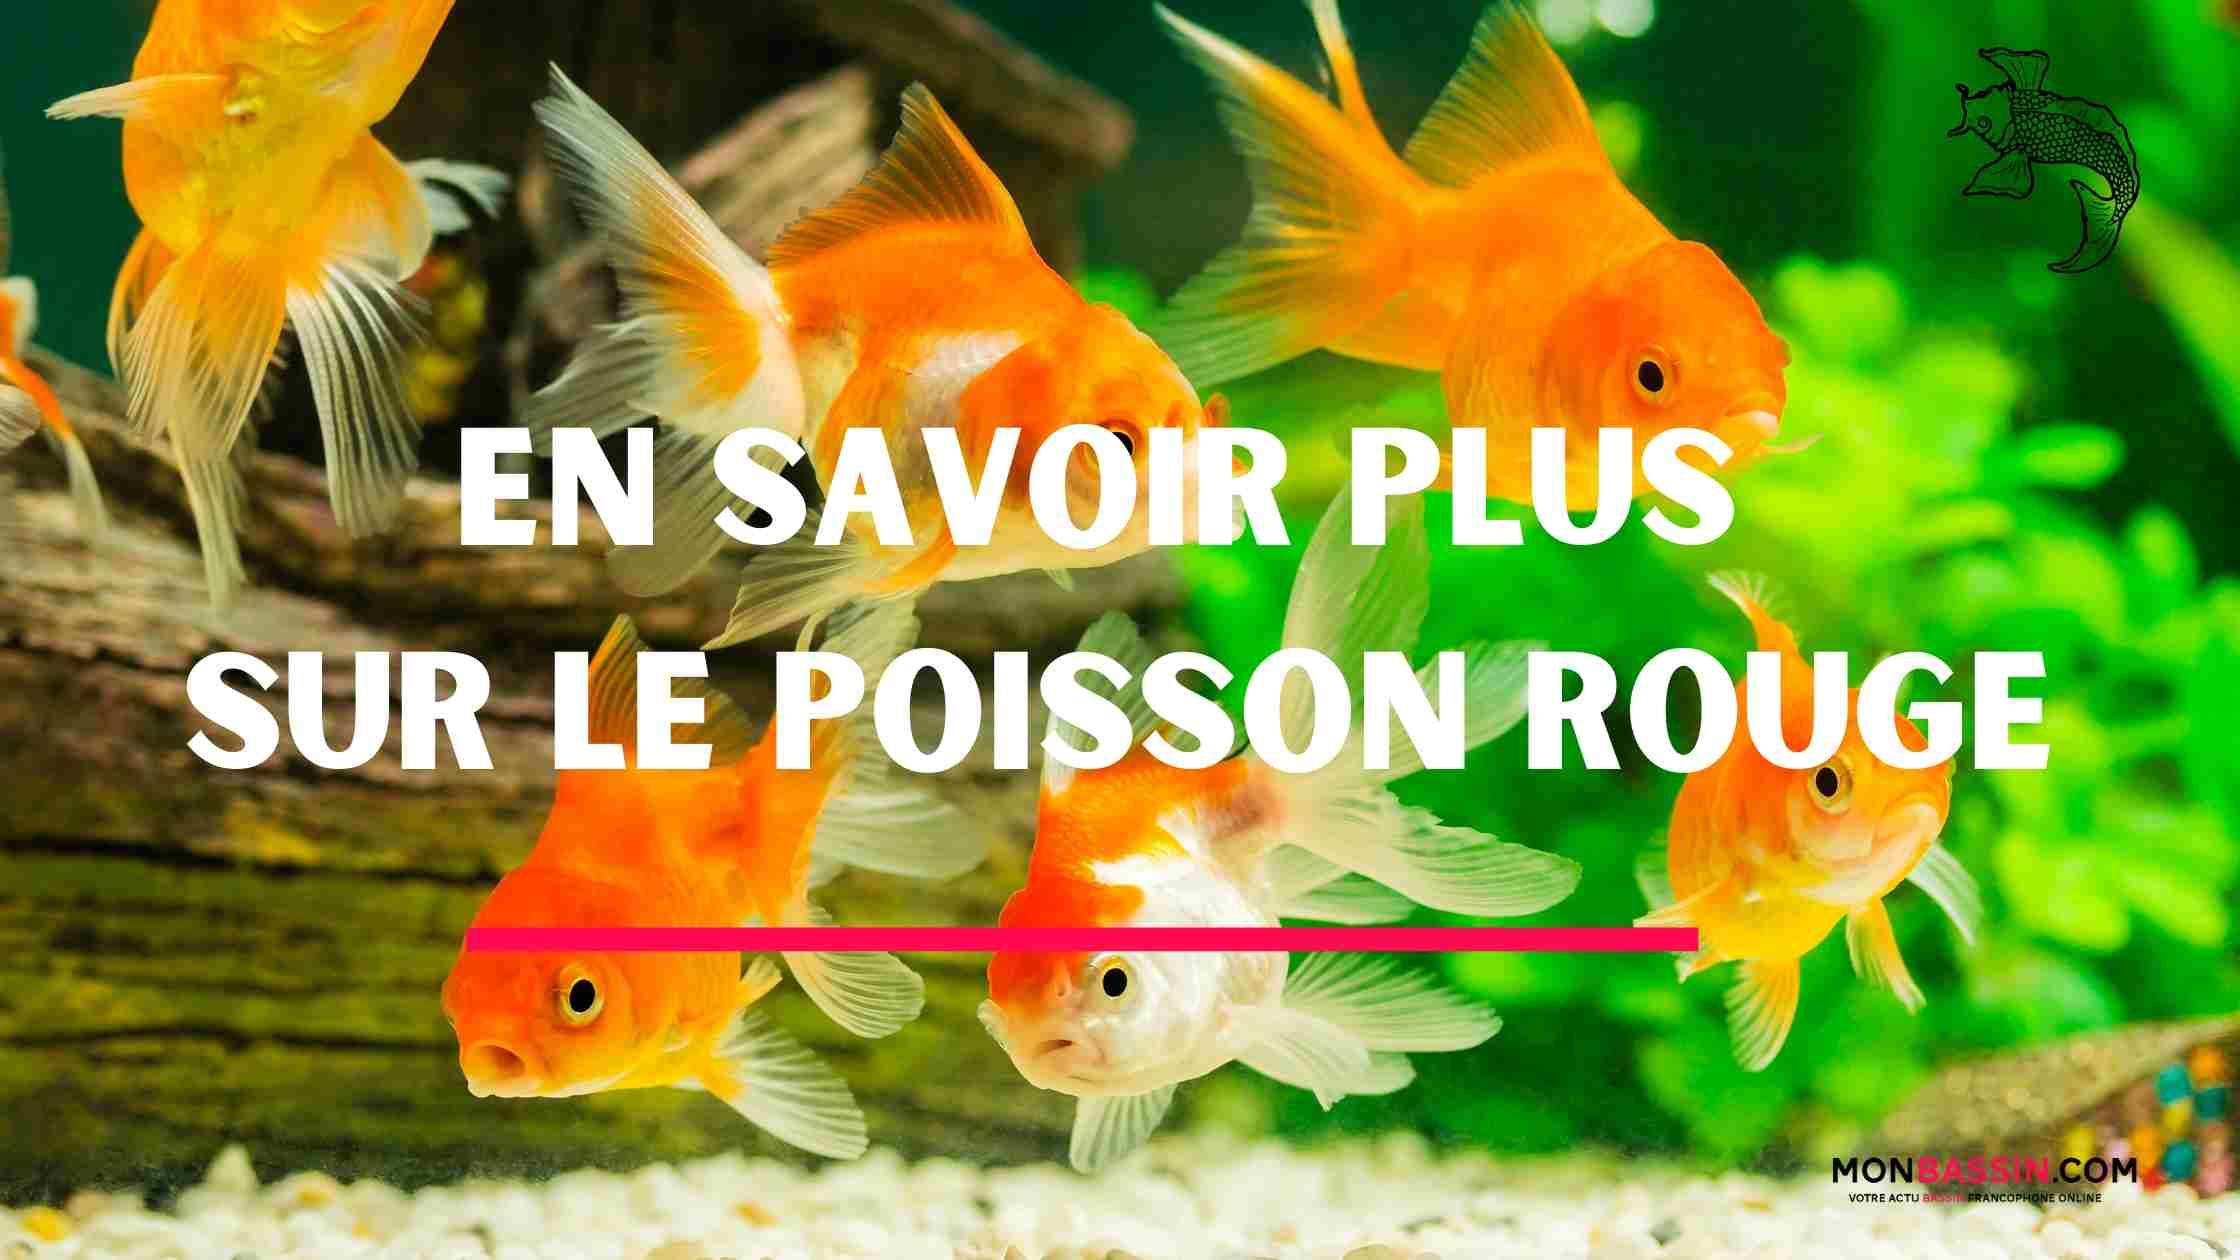 En savoir plus sur le poisson rouge